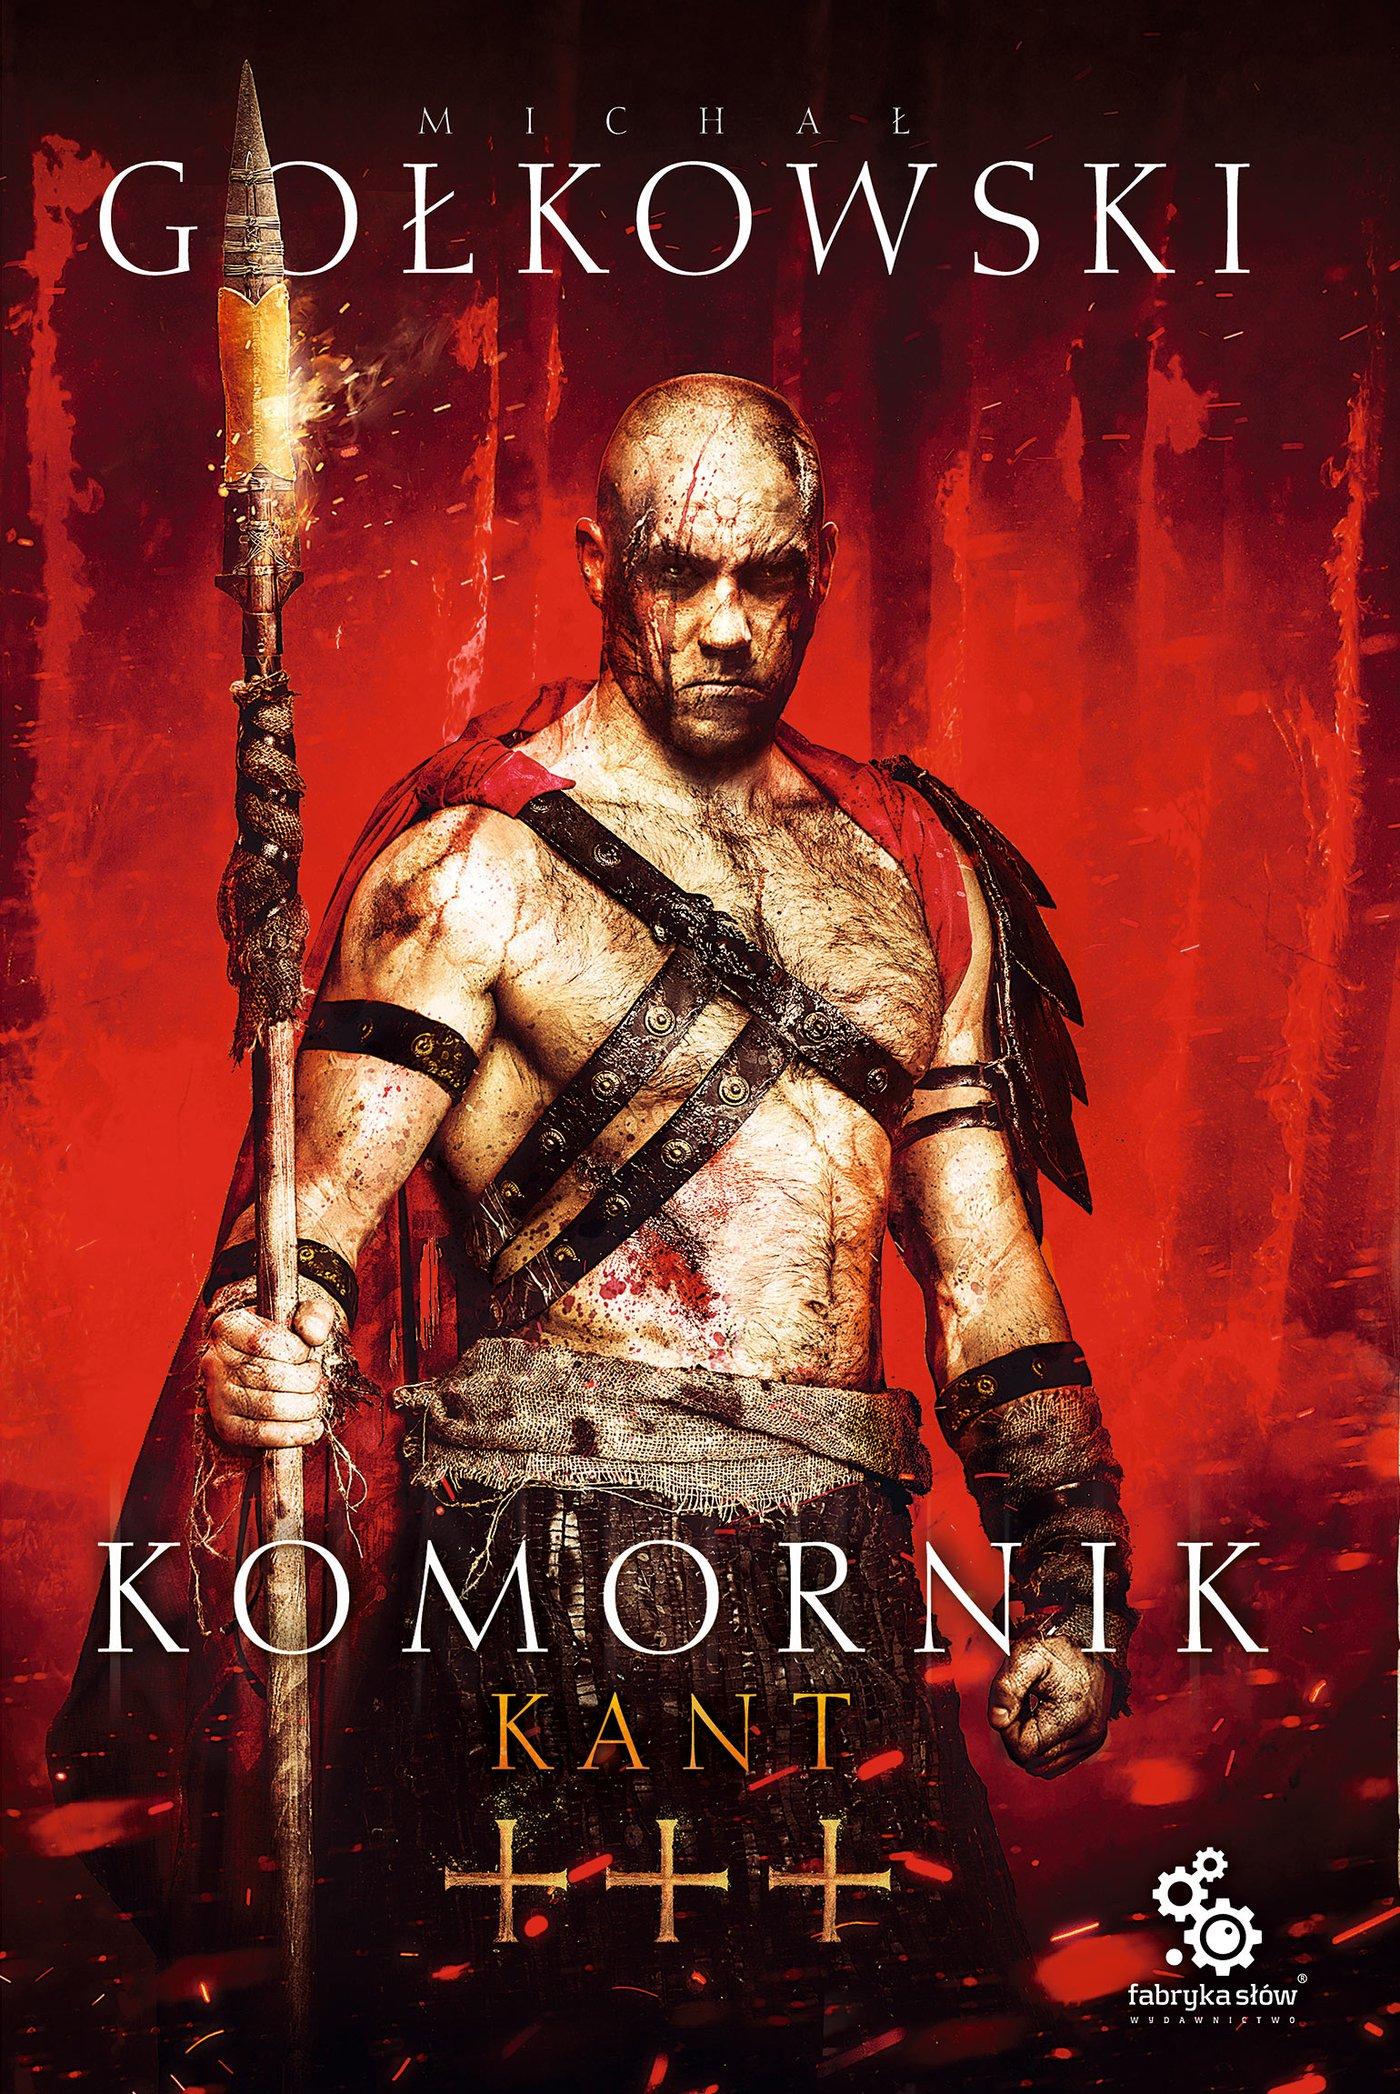 Komornik 3. Kant - Ebook (Książka EPUB) do pobrania w formacie EPUB